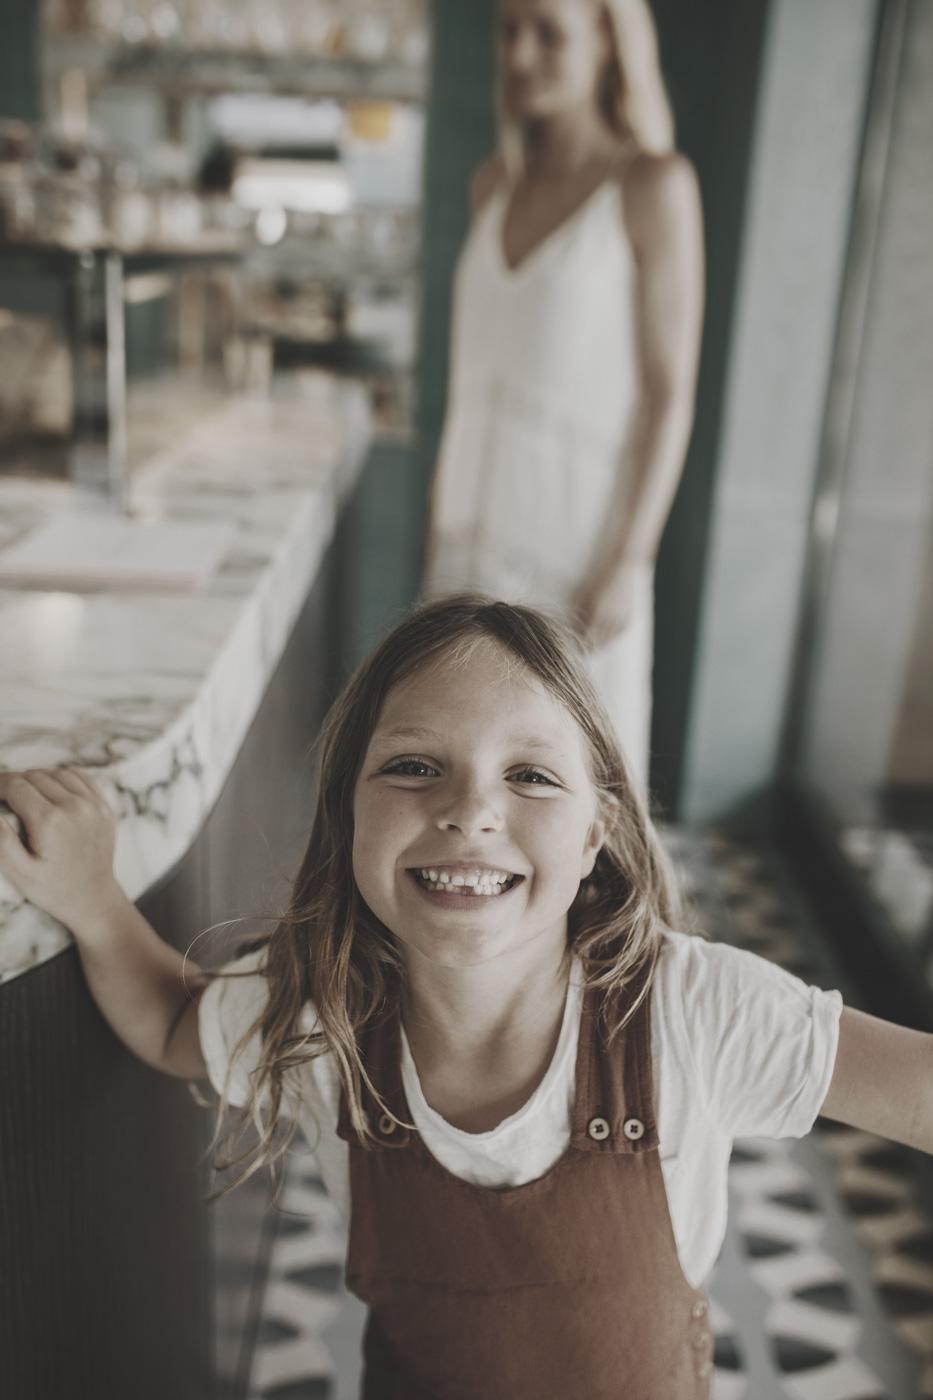 Mädchen lacht glücklich in Eisdiele